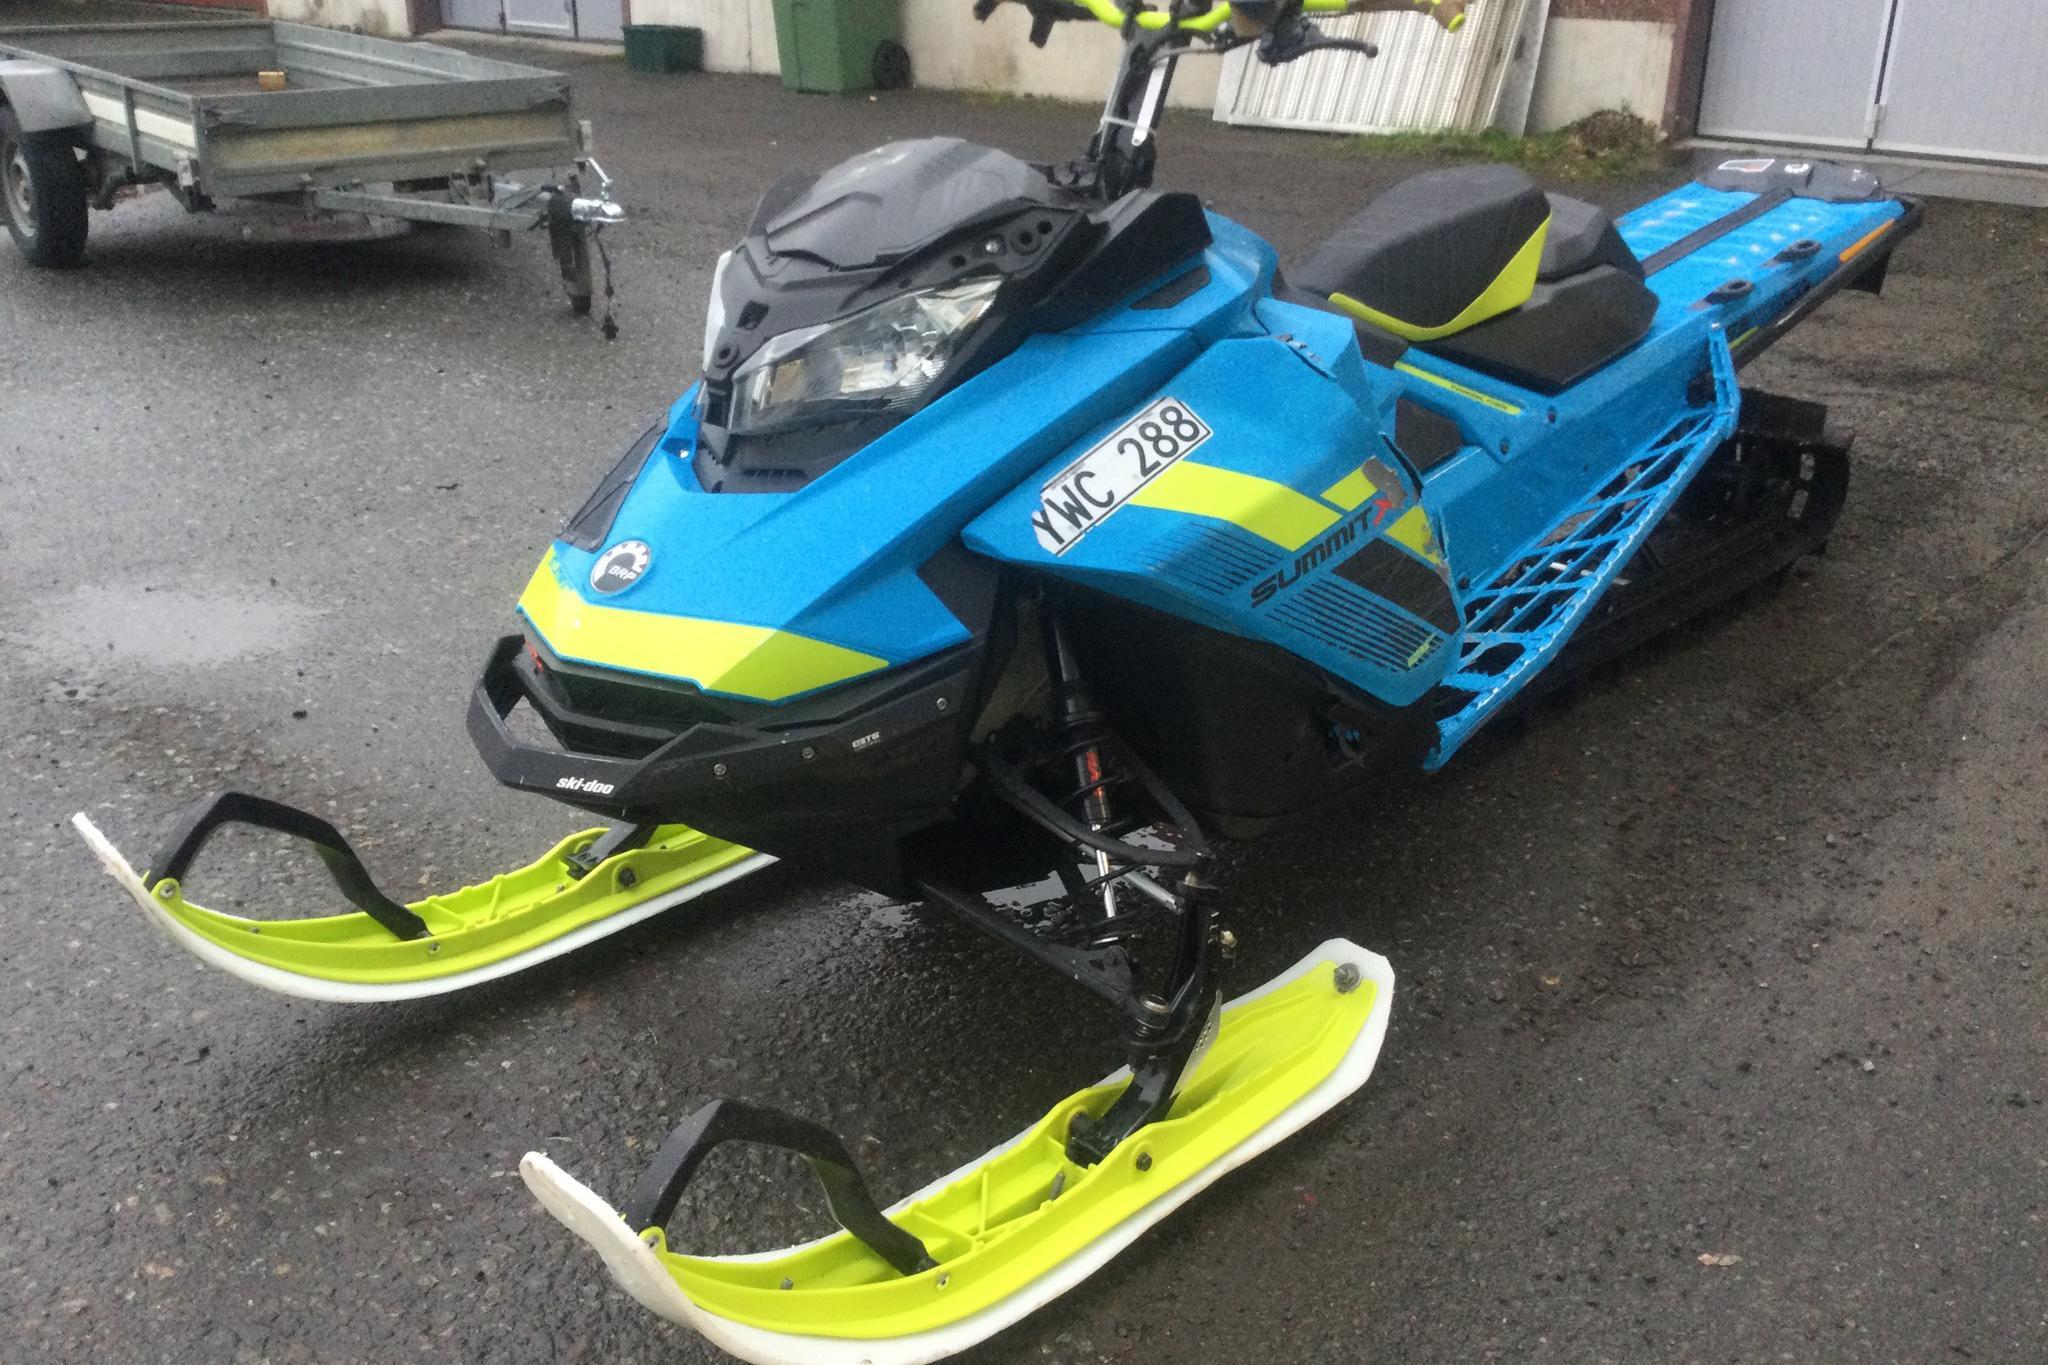 ski-doo SUMMIT X 165 850 Snöskoter - 8 840 km - Automatic - 2018